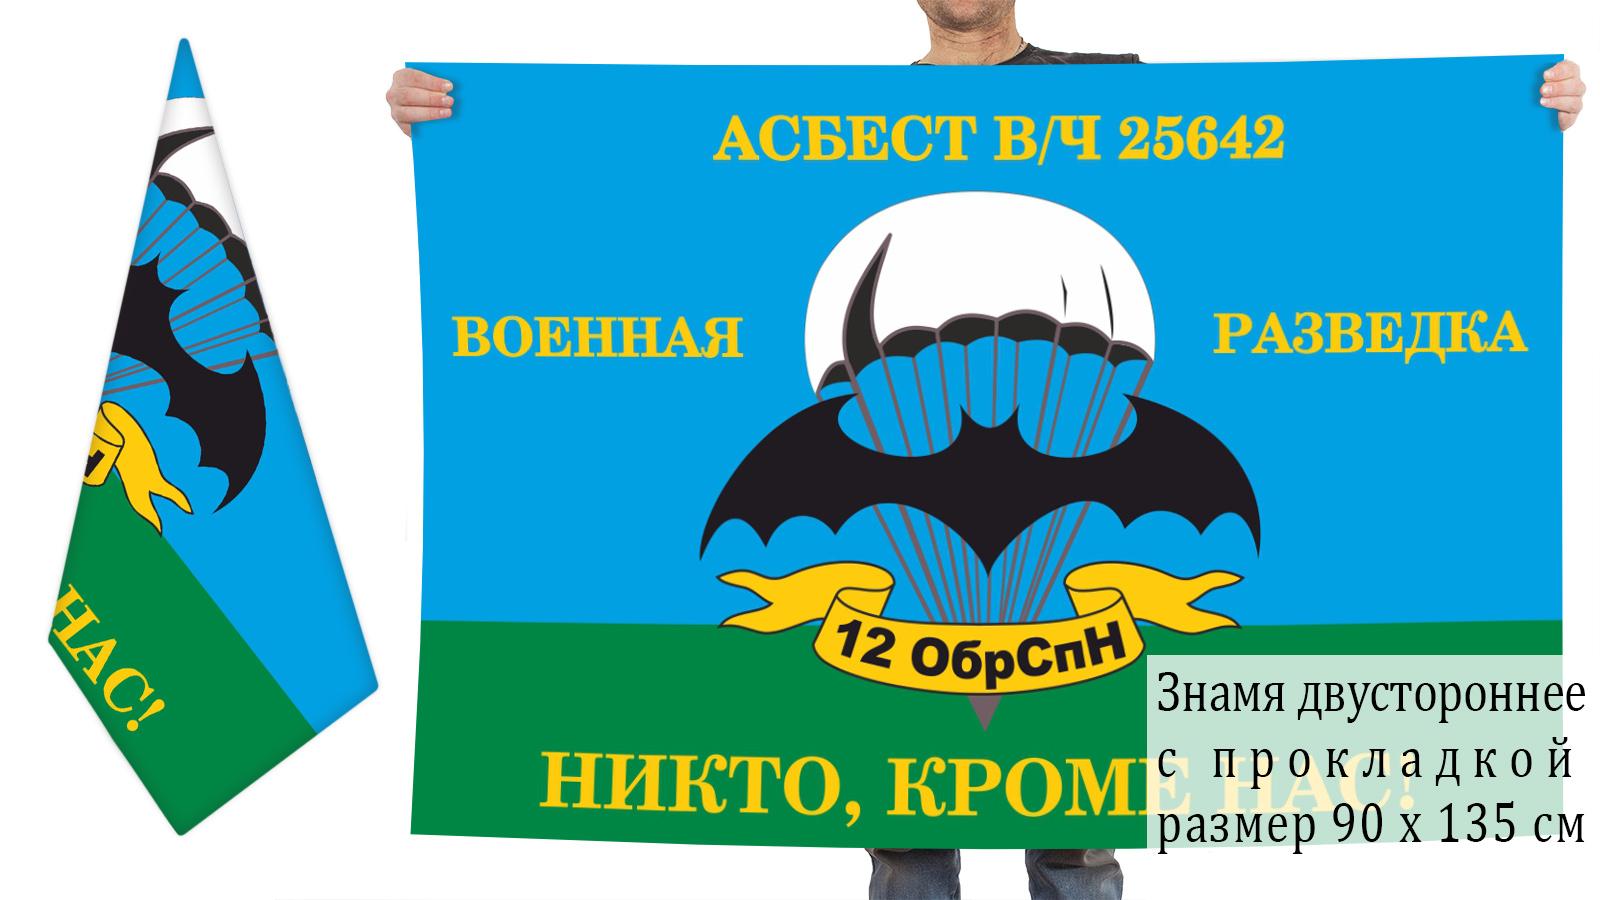 Двусторонний флаг 12 отдельной бригады спецназа Асбест